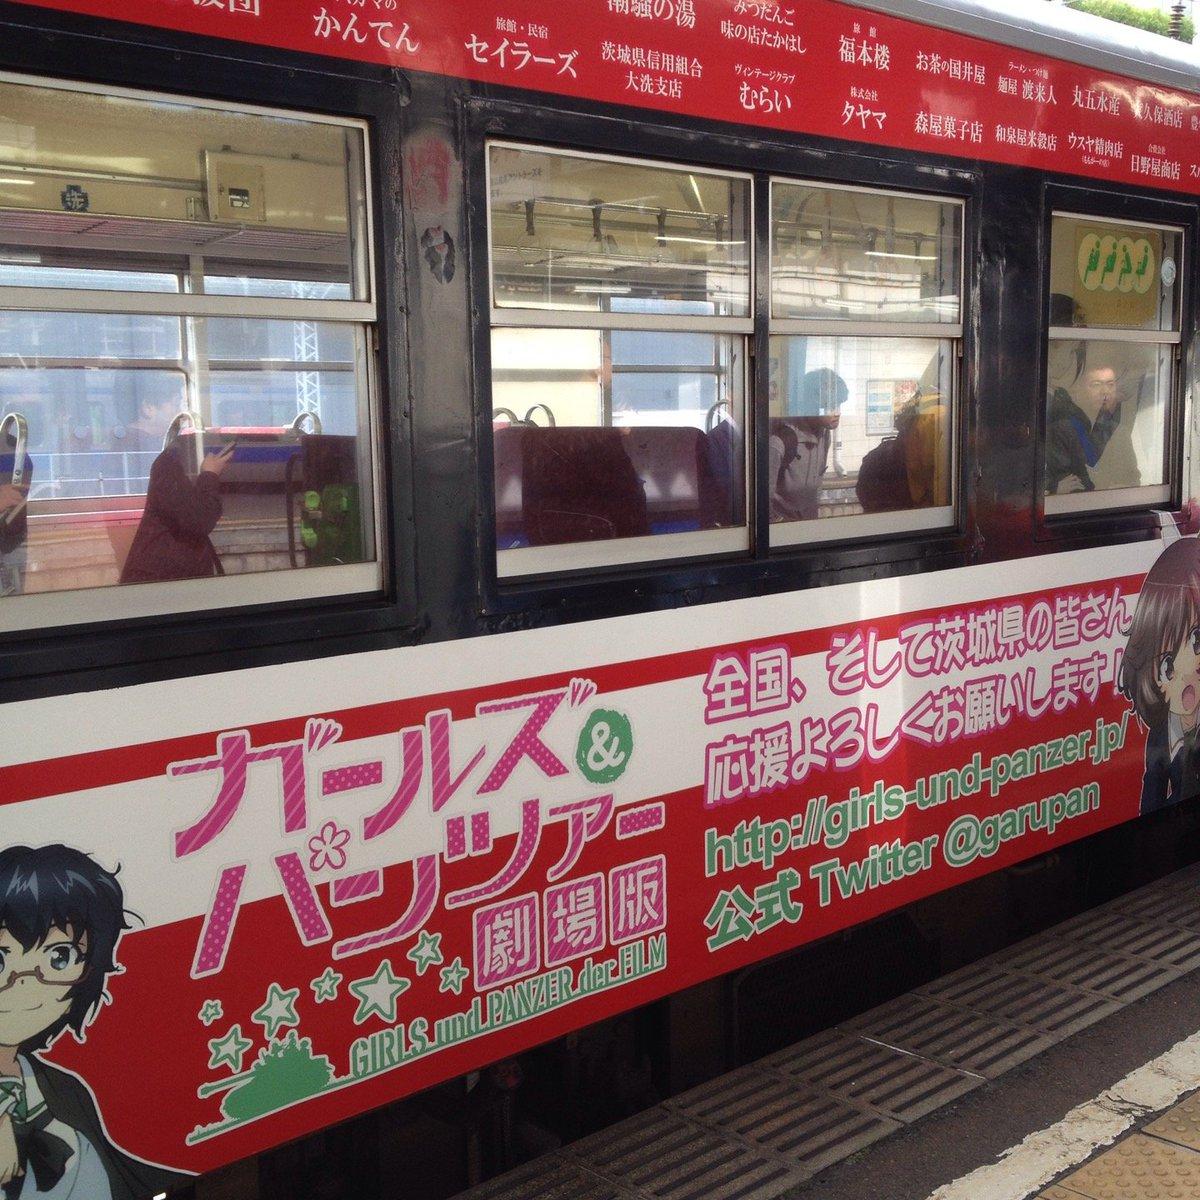 鹿島臨海鉄道 水戸駅 ガルパン列車